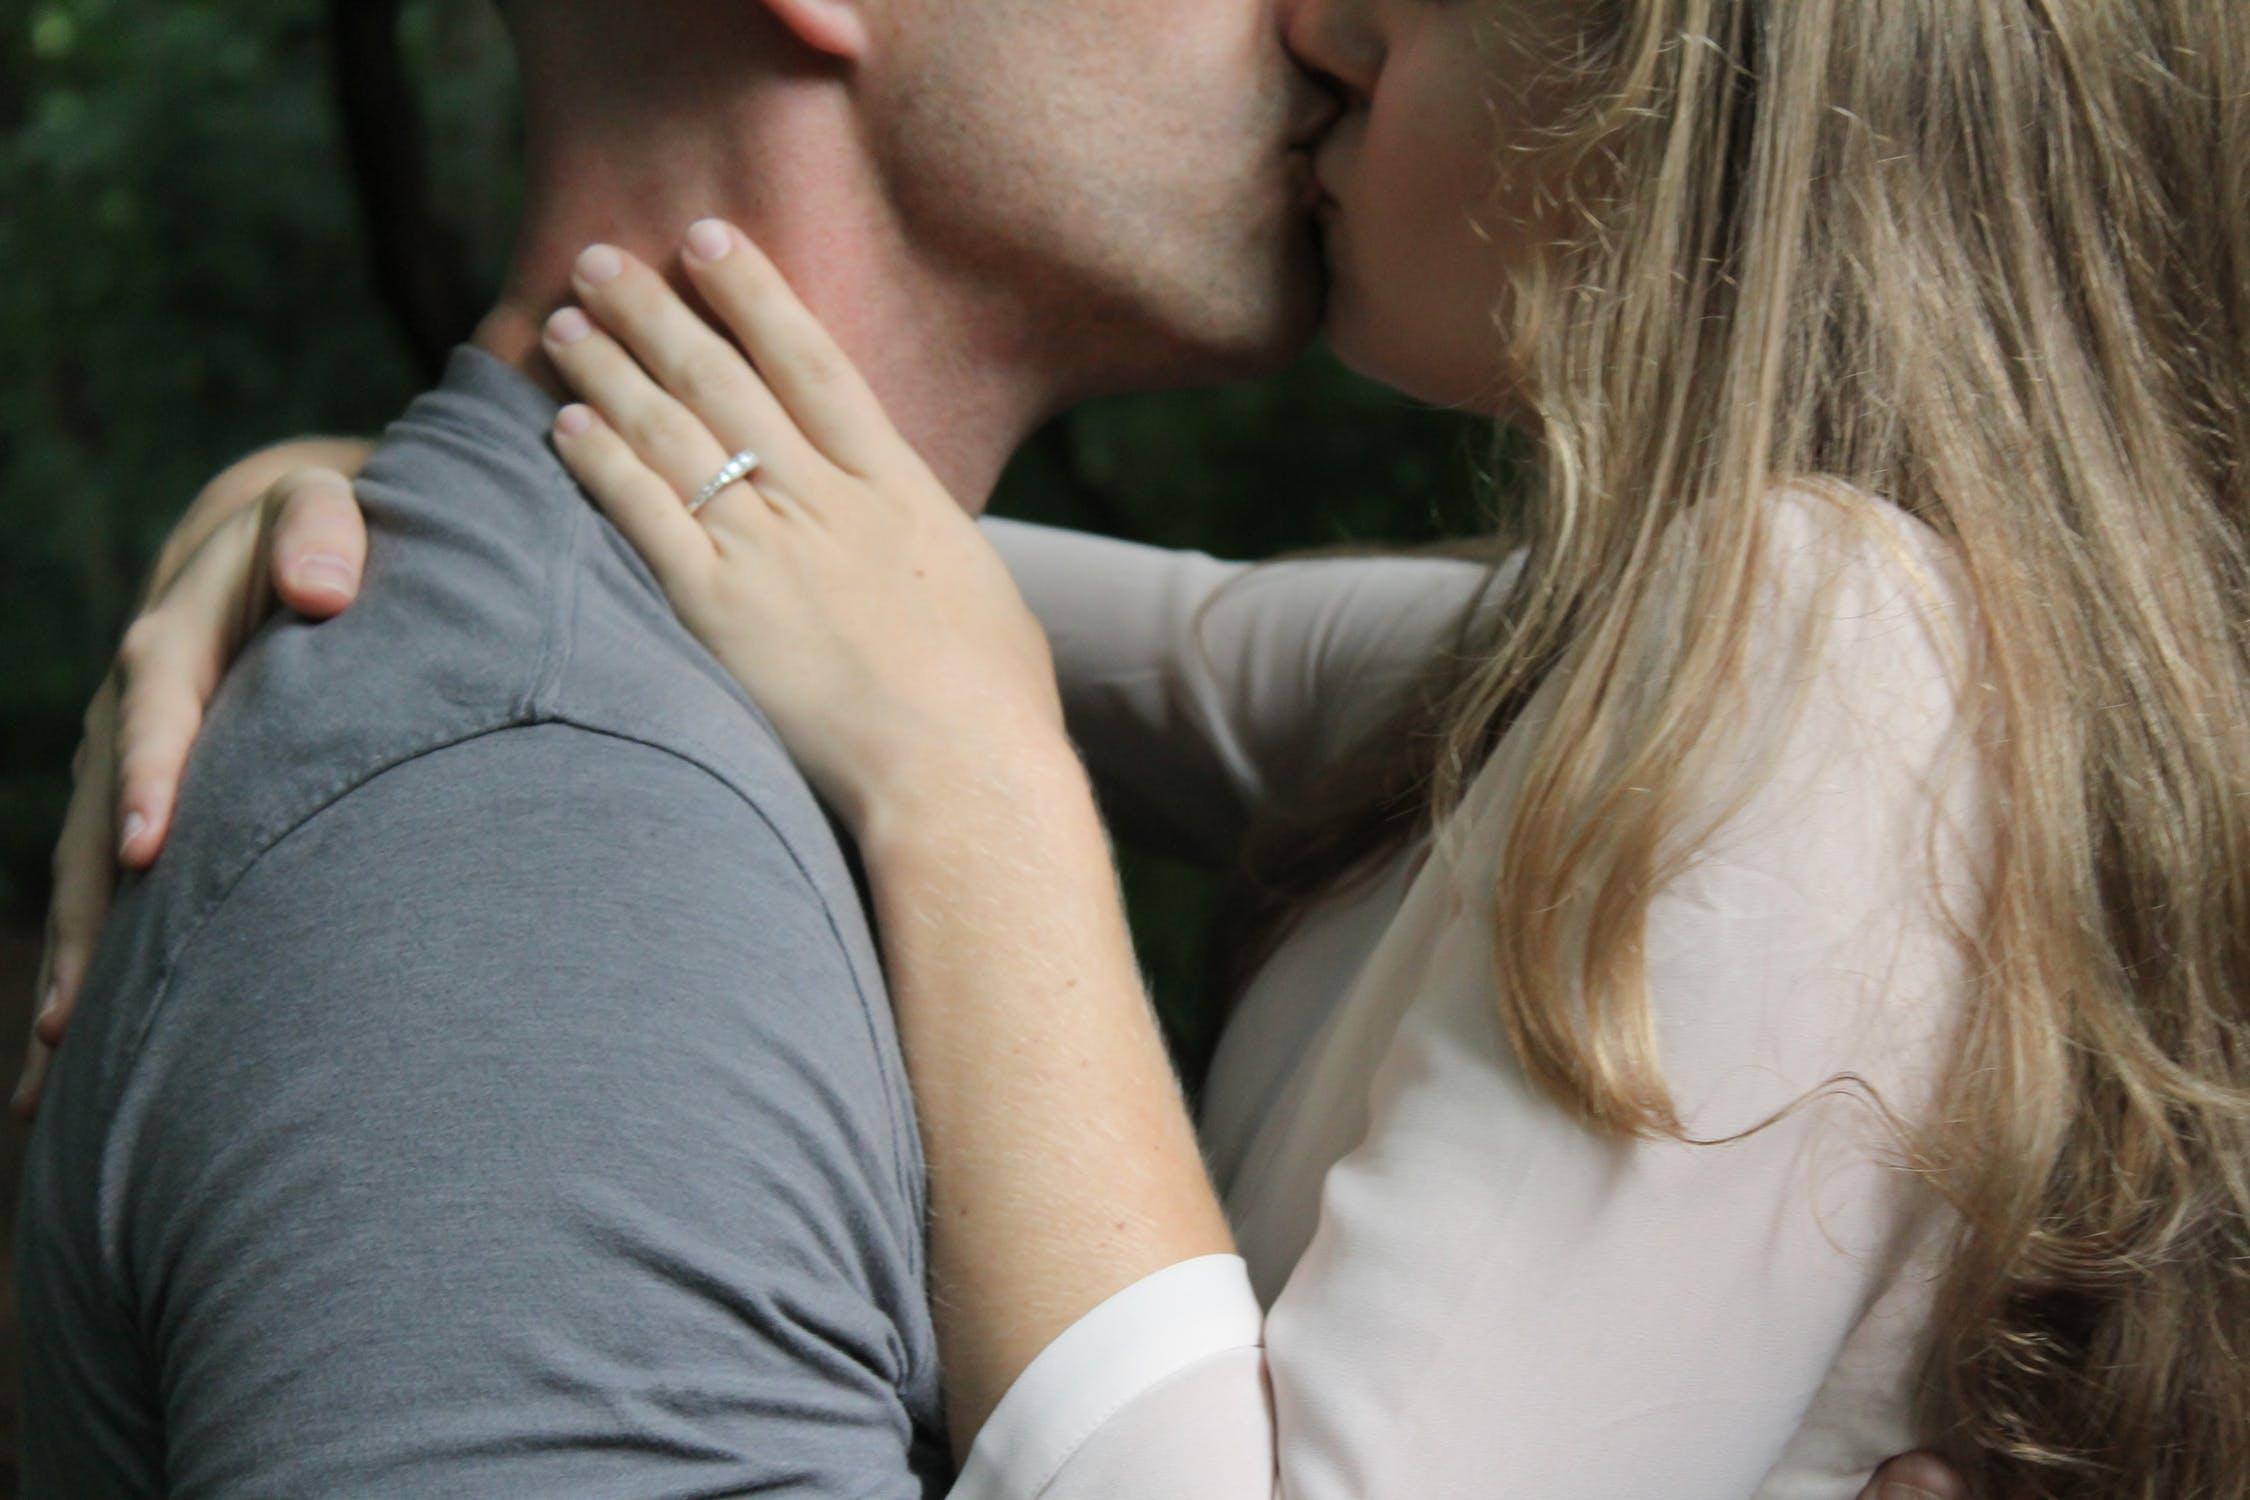 Le frasi più romantiche da dire dopo il primo bacio